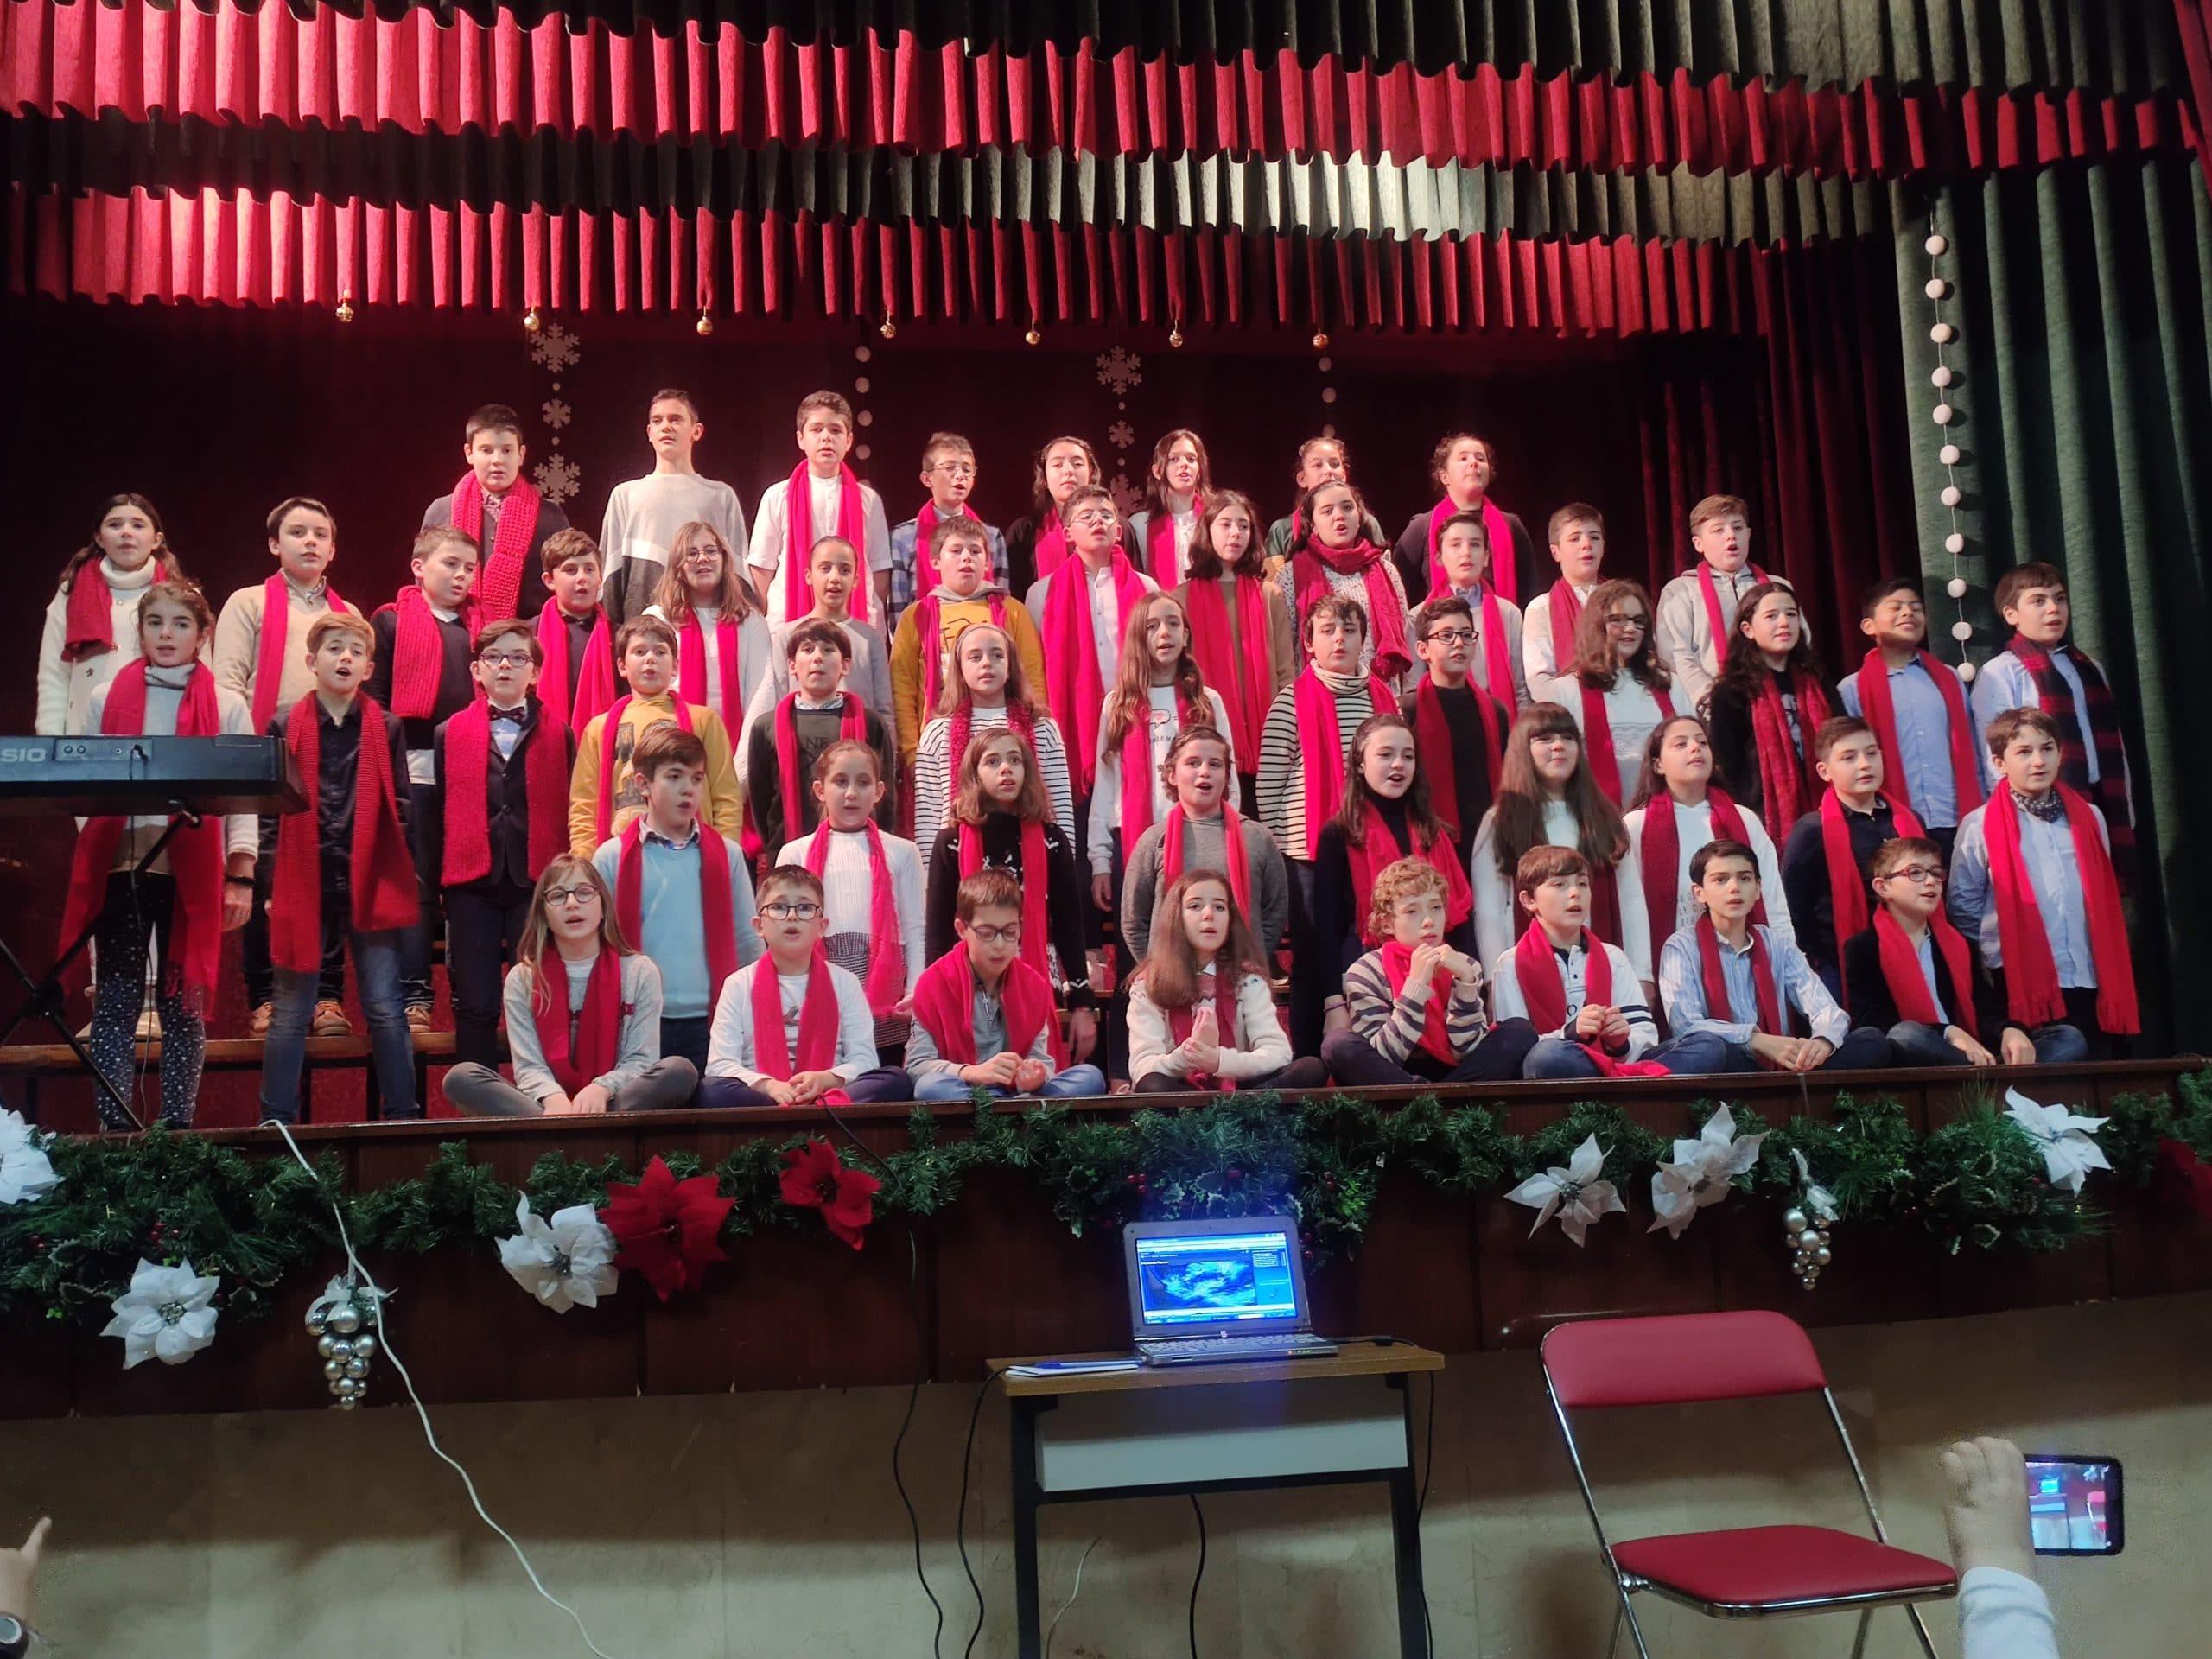 Festival de villancicos de Educación Primaria (6º EPO) del Colegio Blanca de Castilla de Palencia